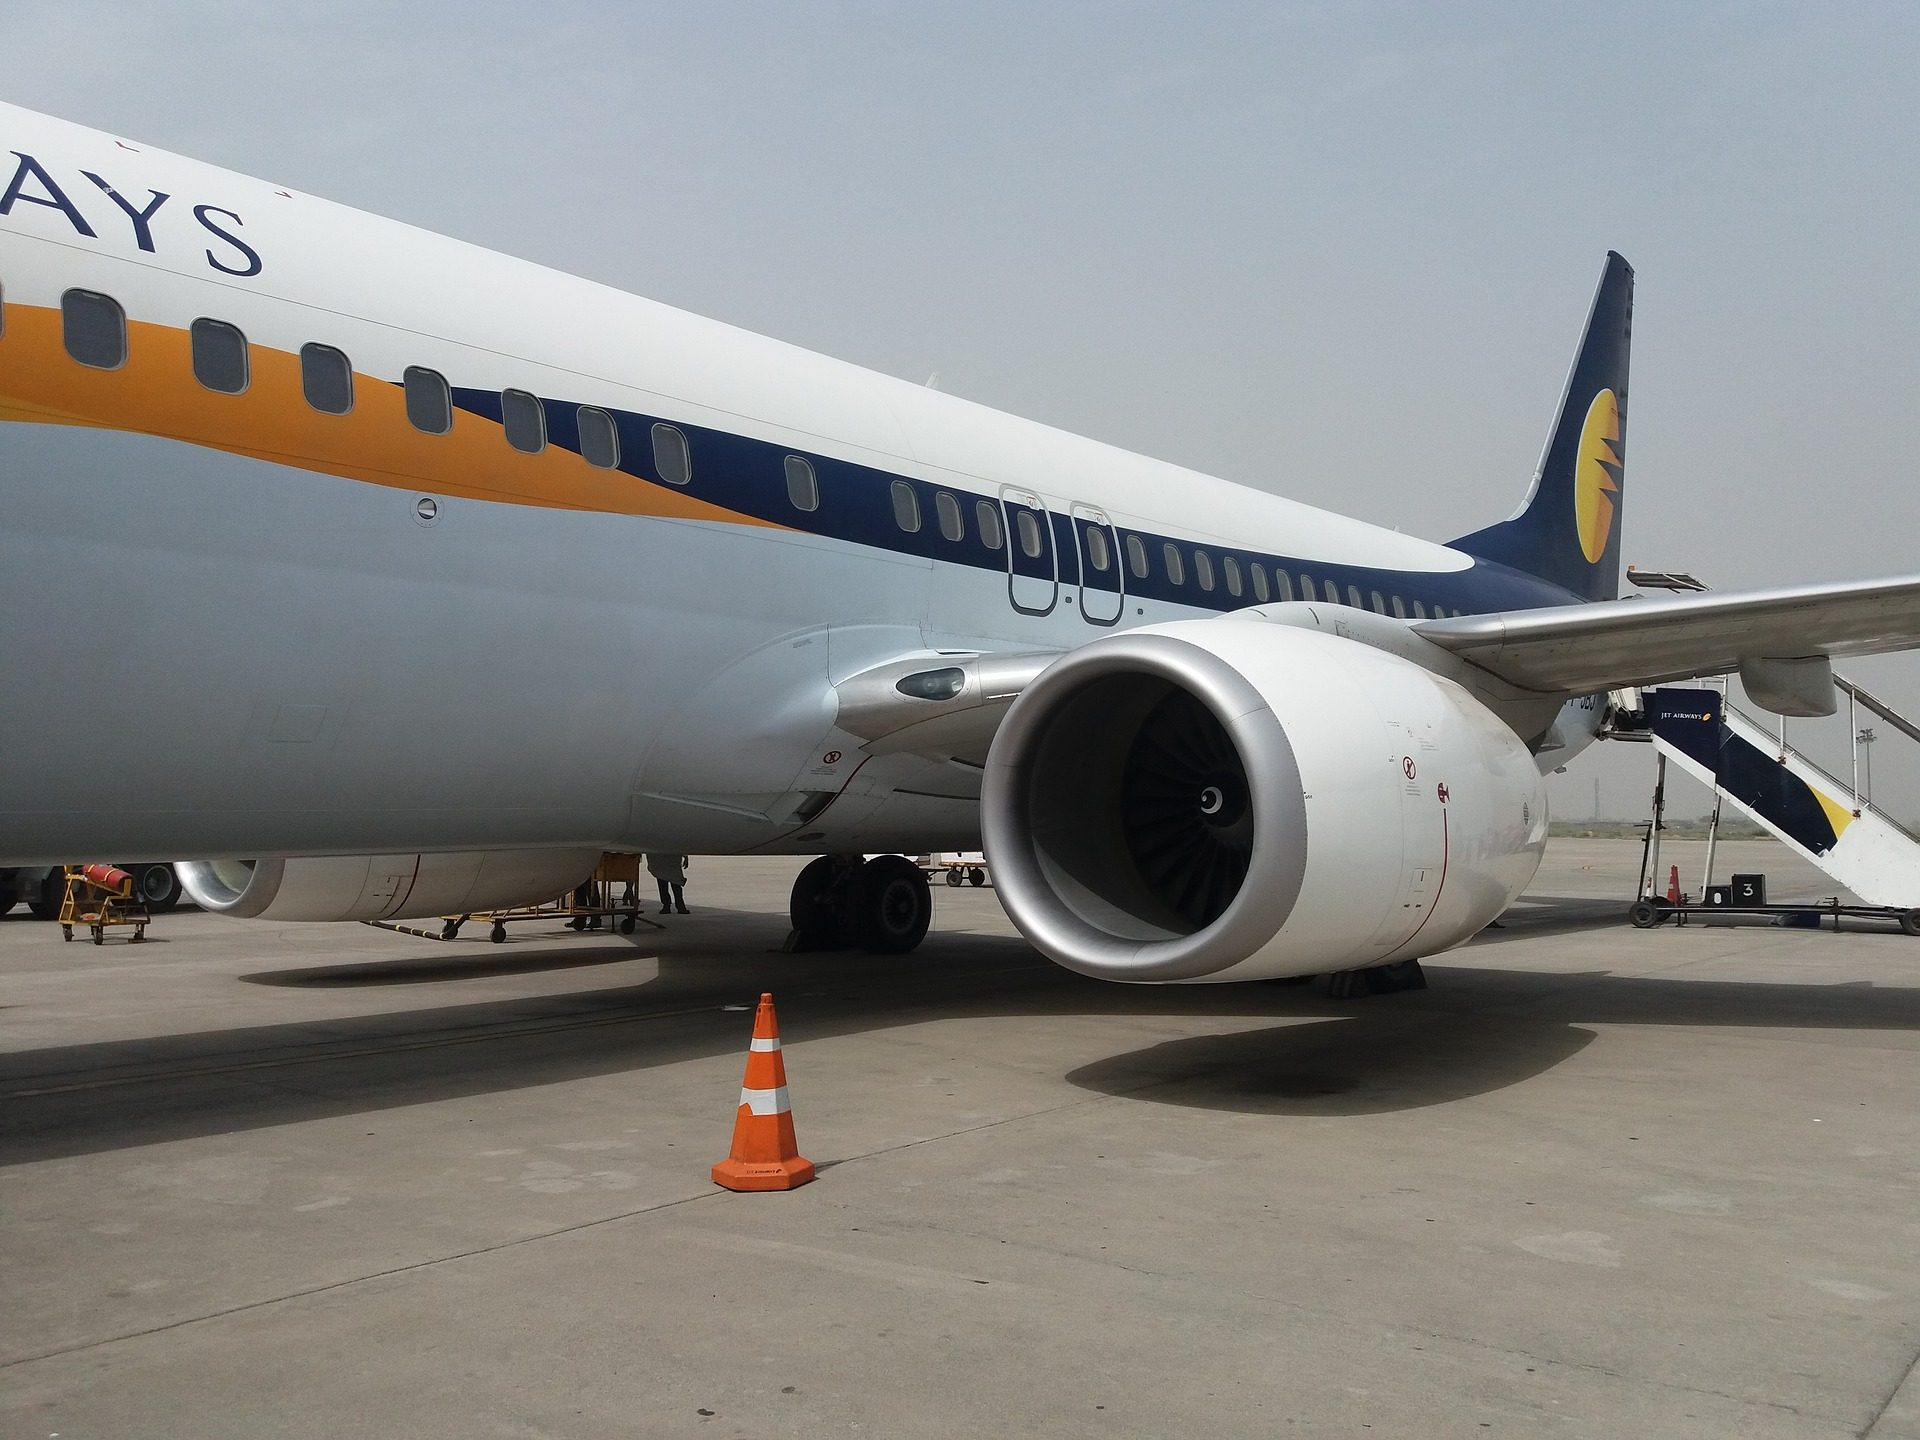 Avión, turbina, motore, Aeroporto, traccia - Sfondi HD - Professor-falken.com